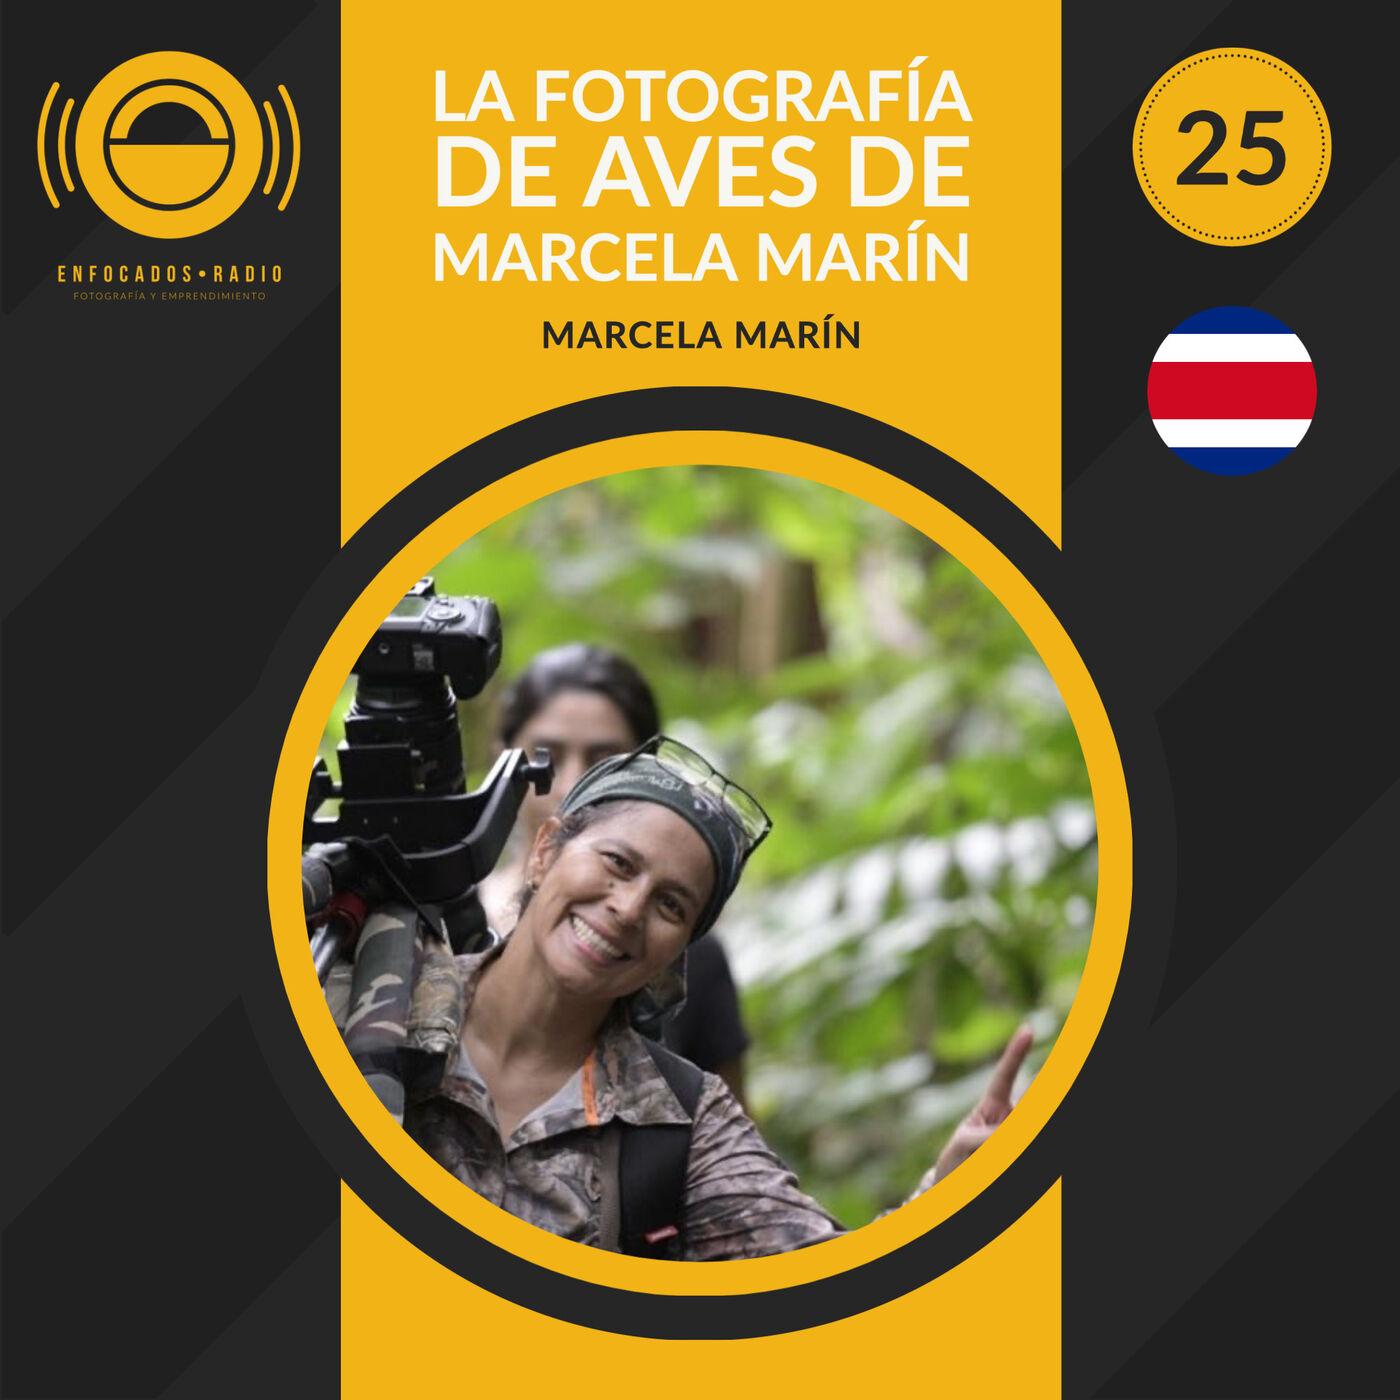 EP025: La fotografía de aves de Marcela Marín